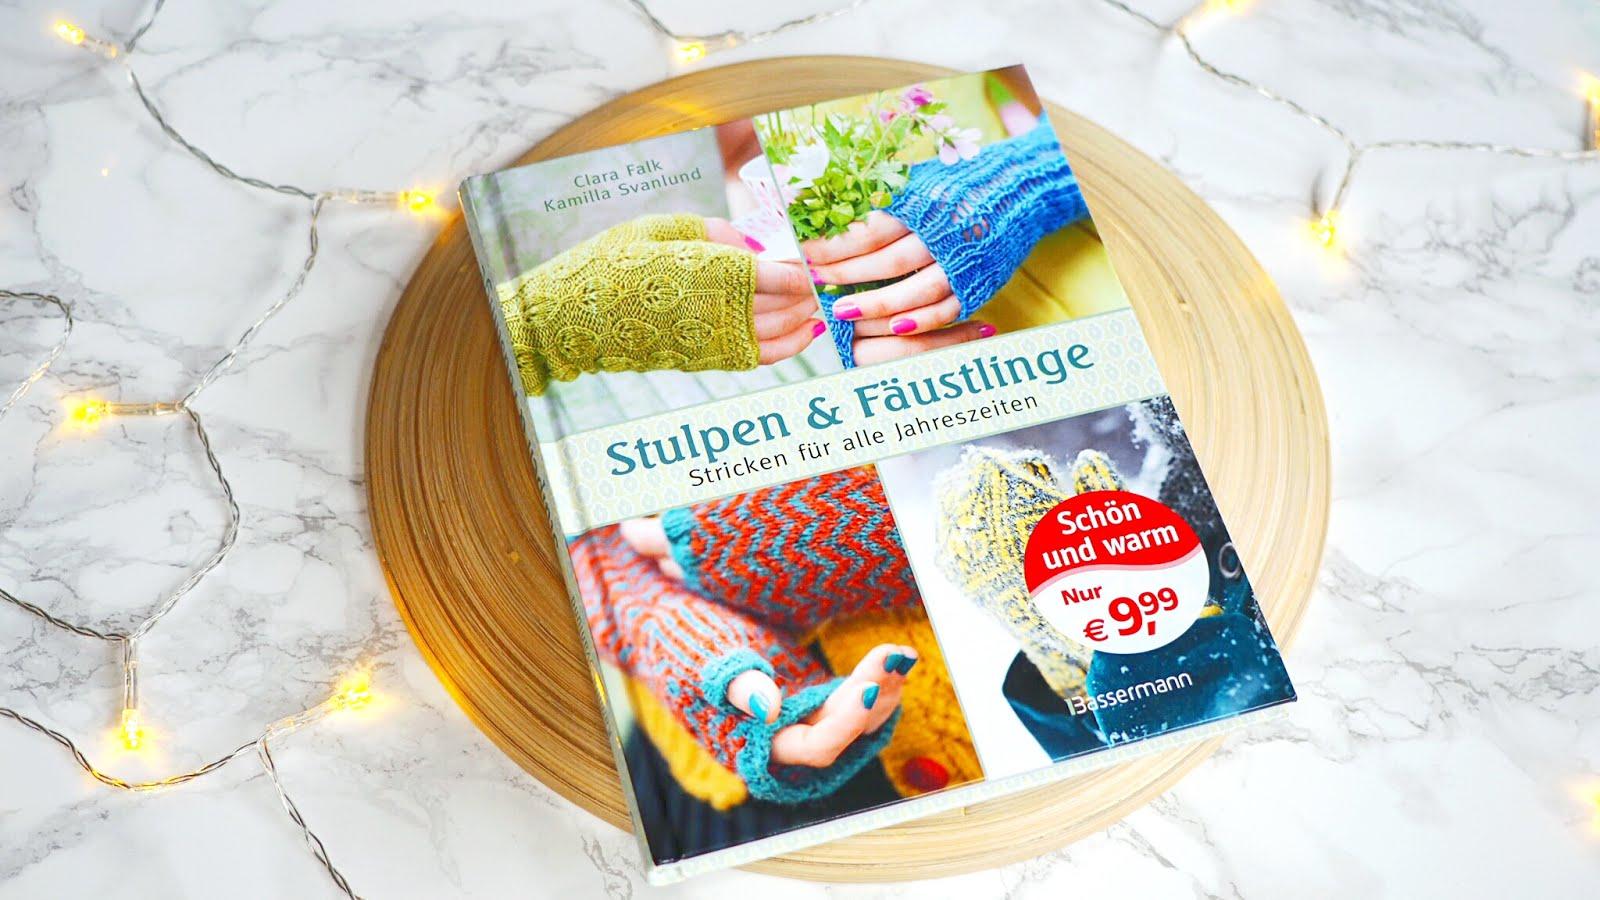 Stulpen & Fäustlinge - Stricken für alle Jahreszeiten